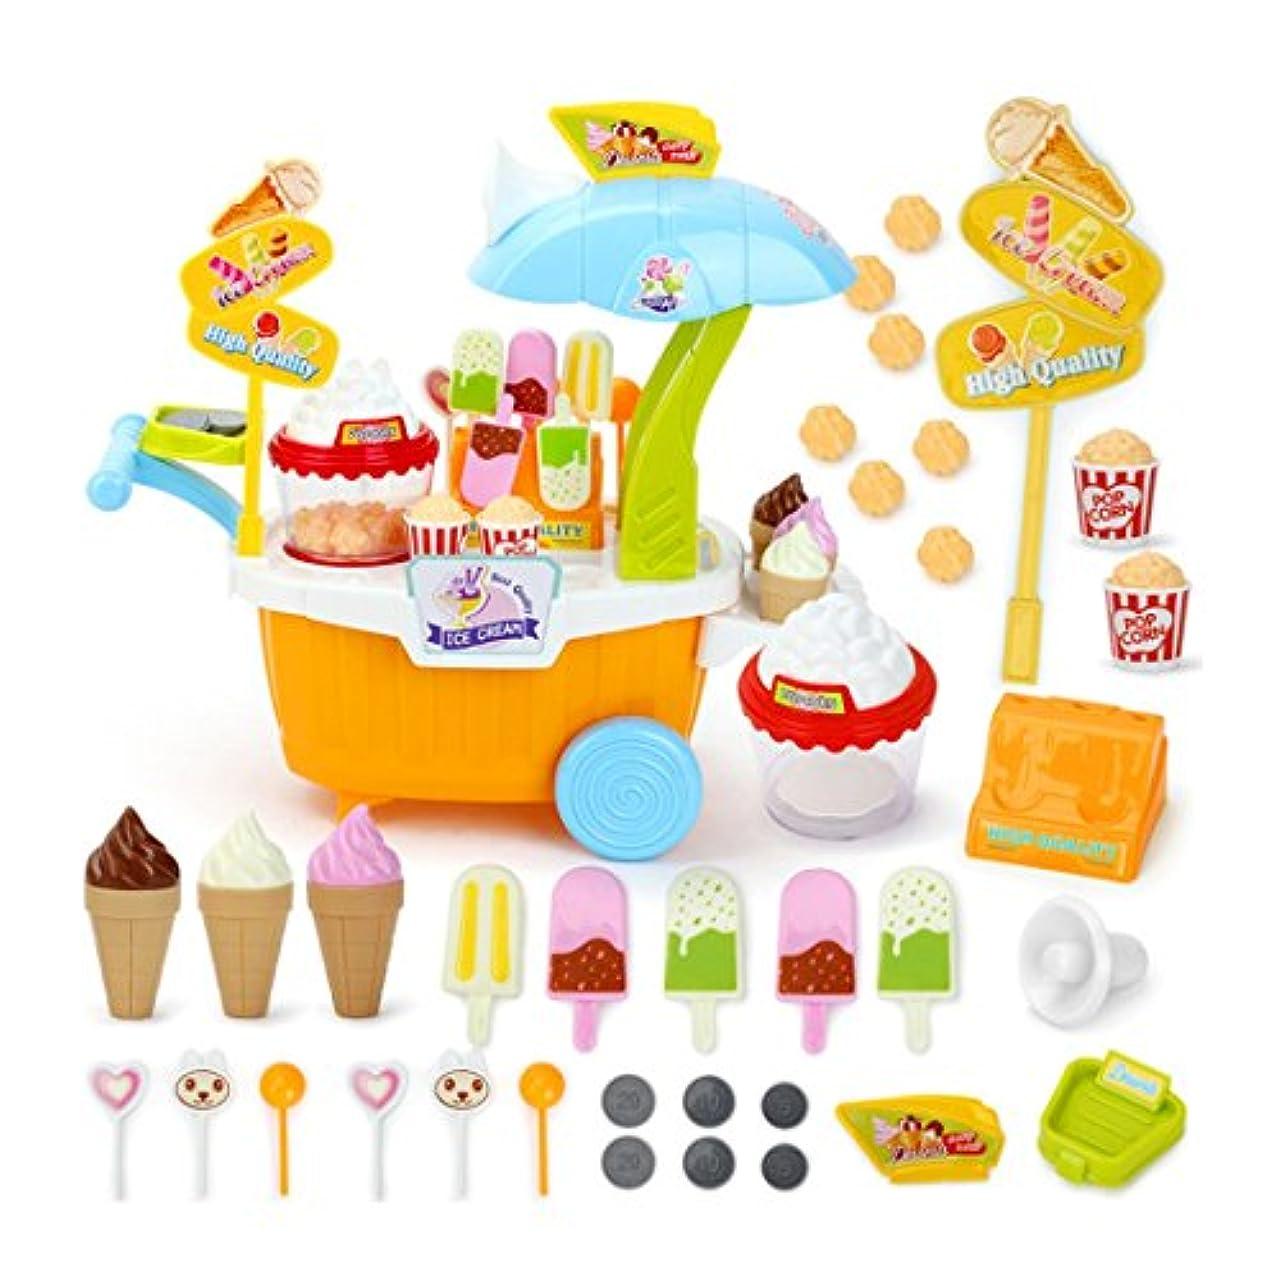 SODIAL 1セット 子供のシミュレーション台所用カトラリーセット ポップコーン デザート トロリー 教育用のおもちゃセット イエロー